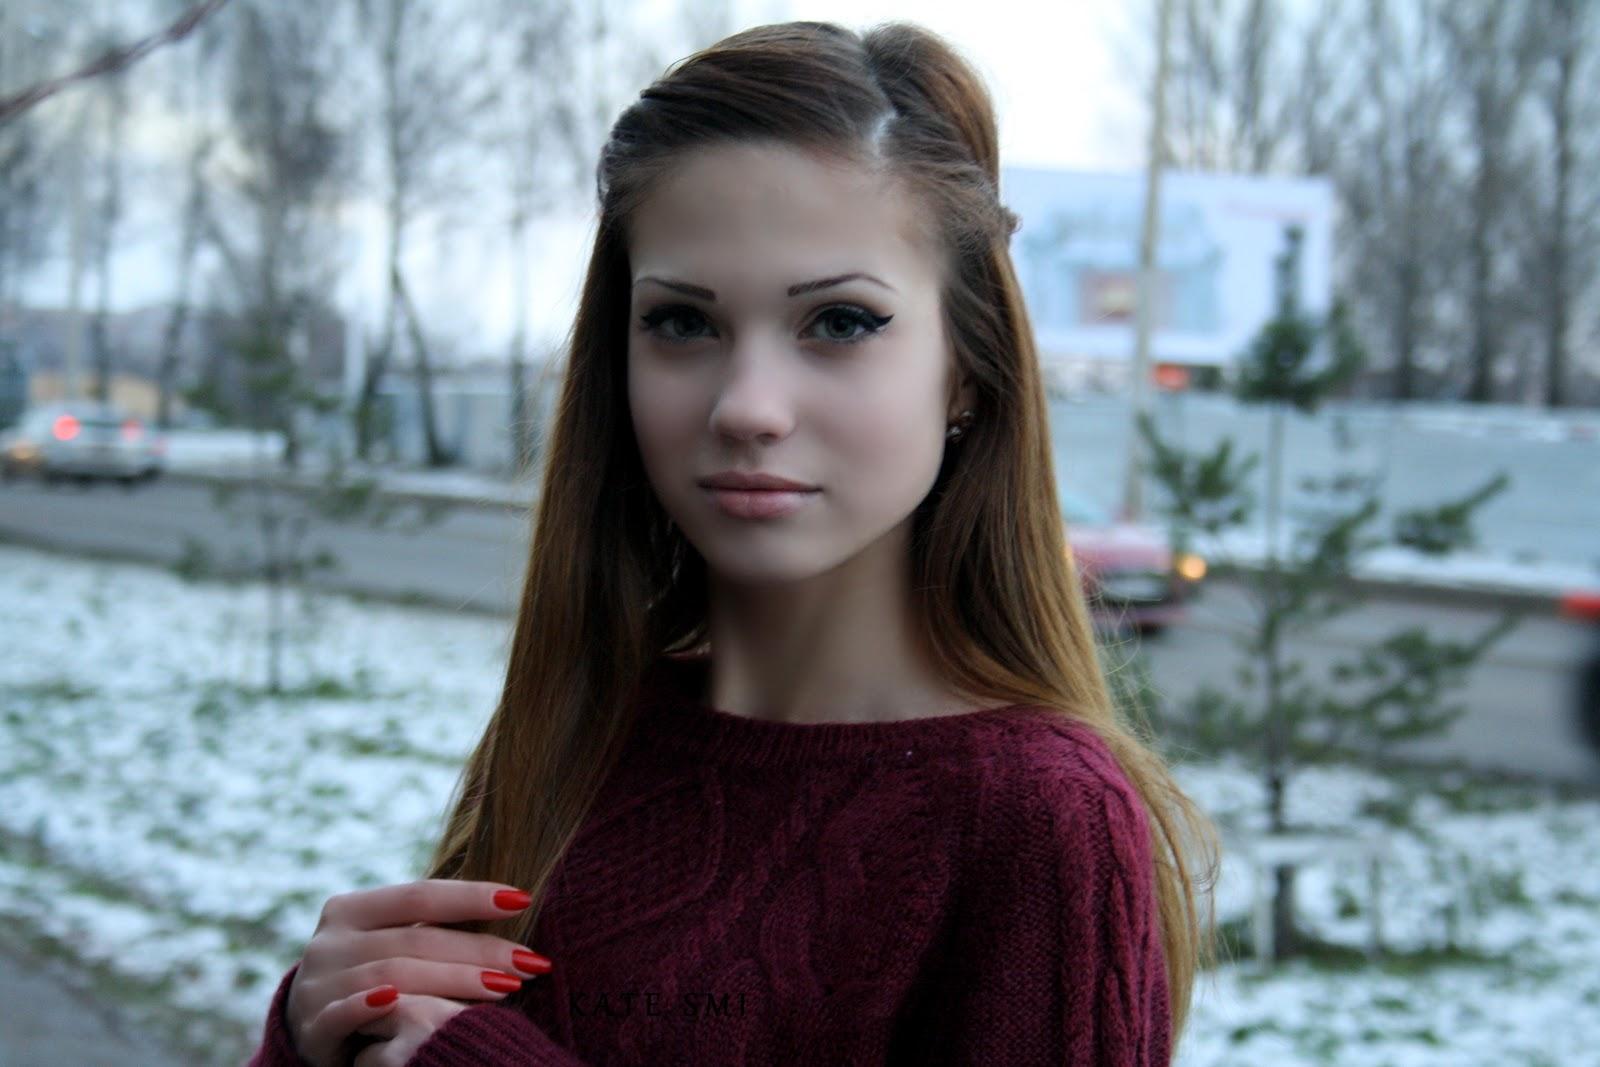 Самые красивые девушки костромы фото